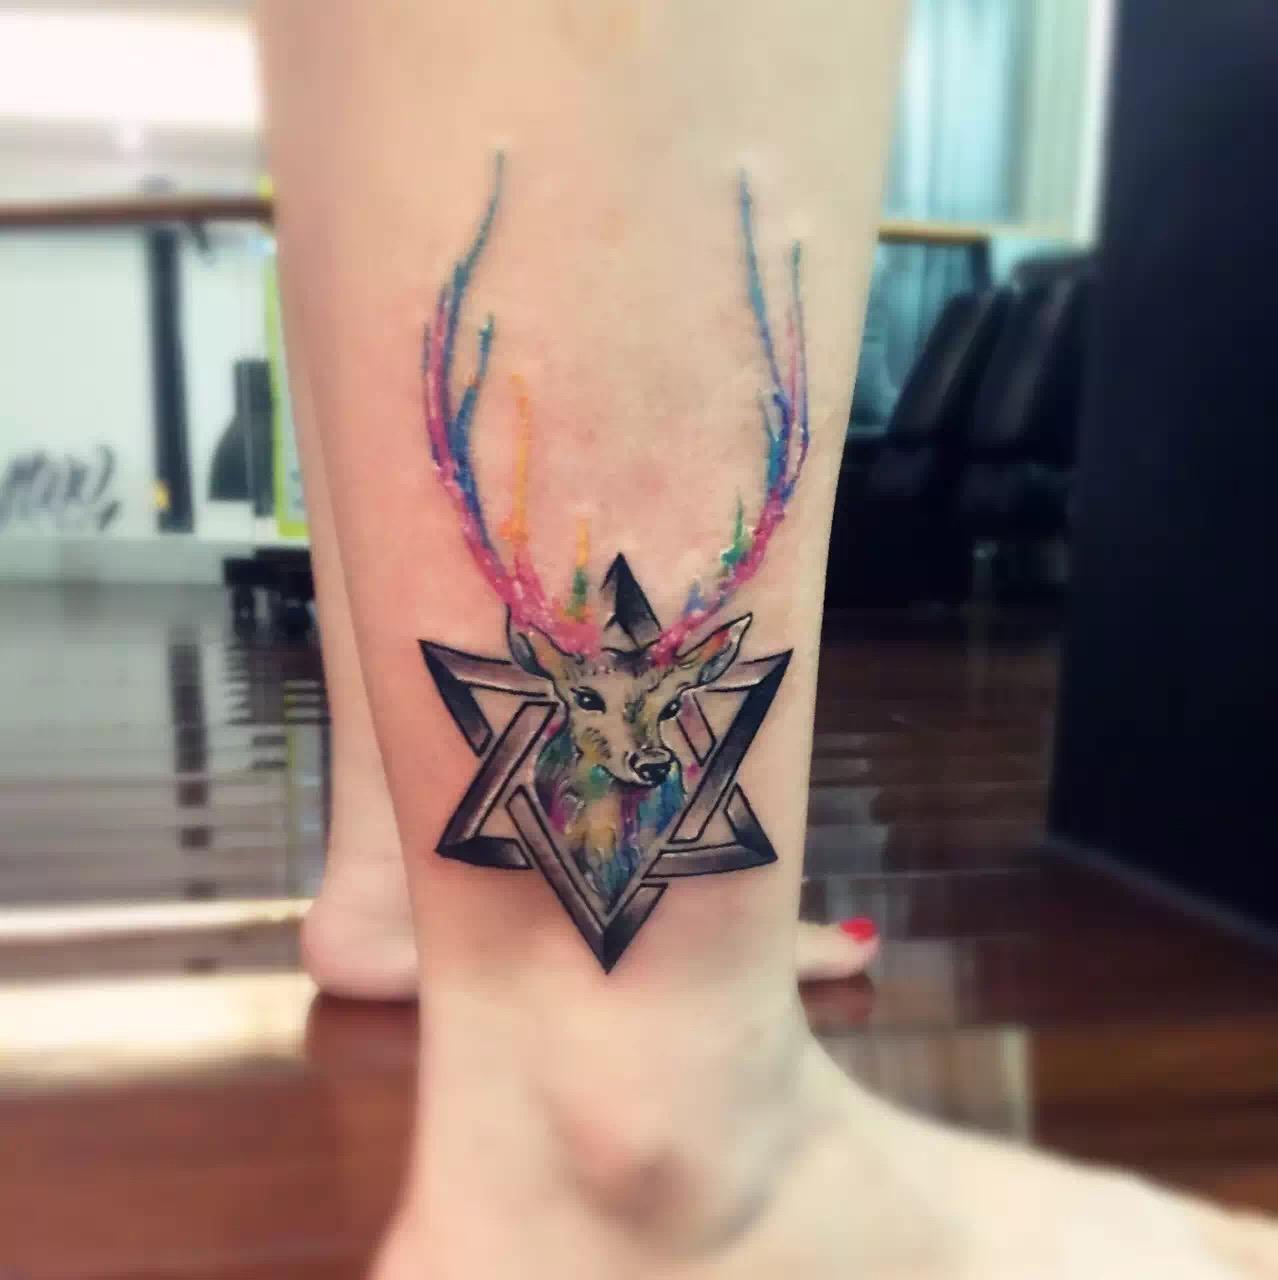 花店小铺店主薛小姐的脚踝处六芒星麋鹿纹身图案